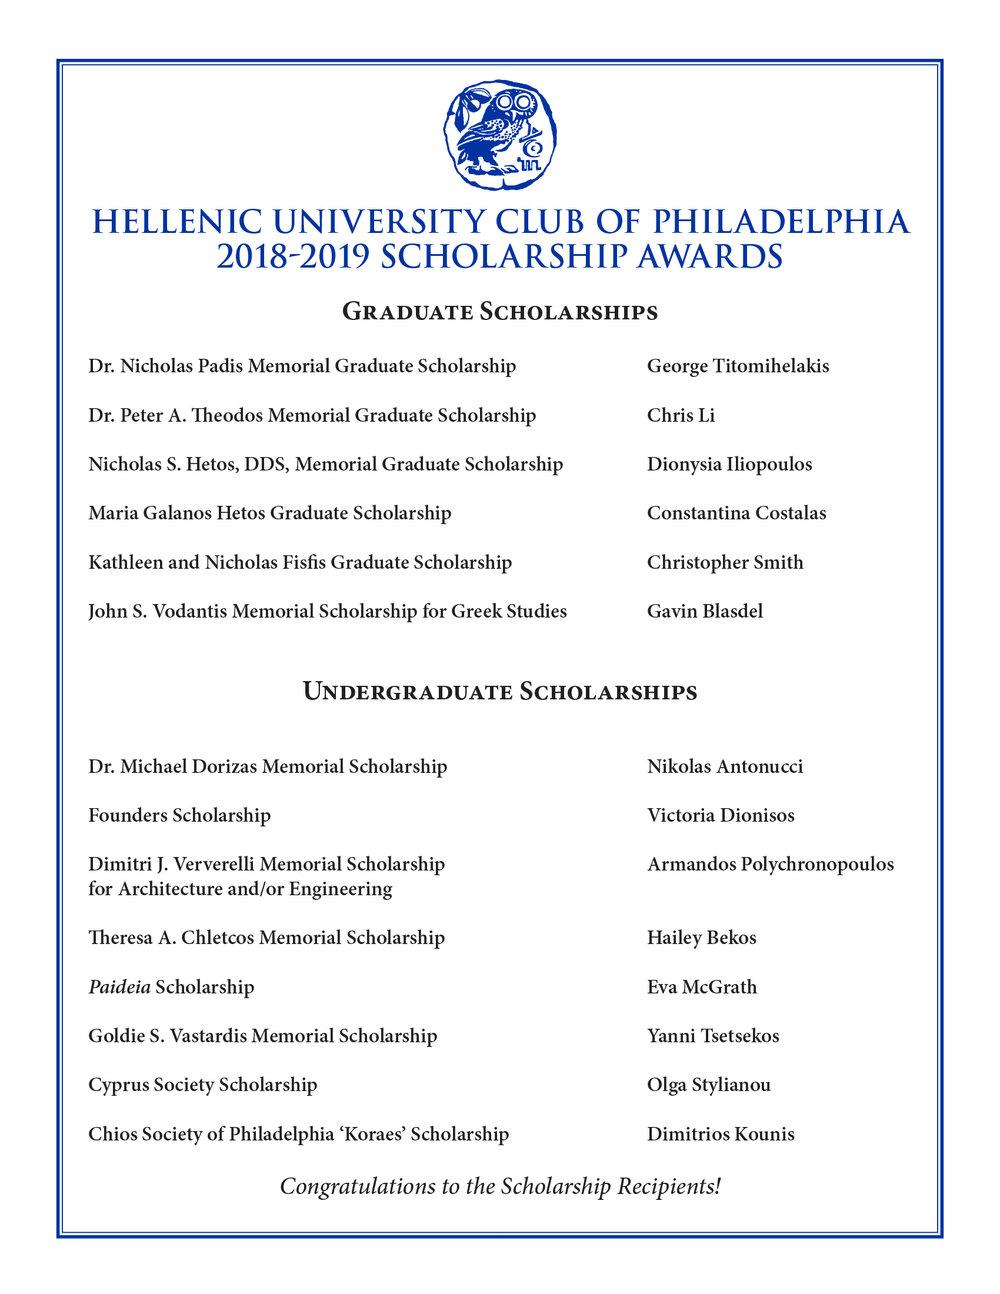 2018-19_Scholarships.jpg